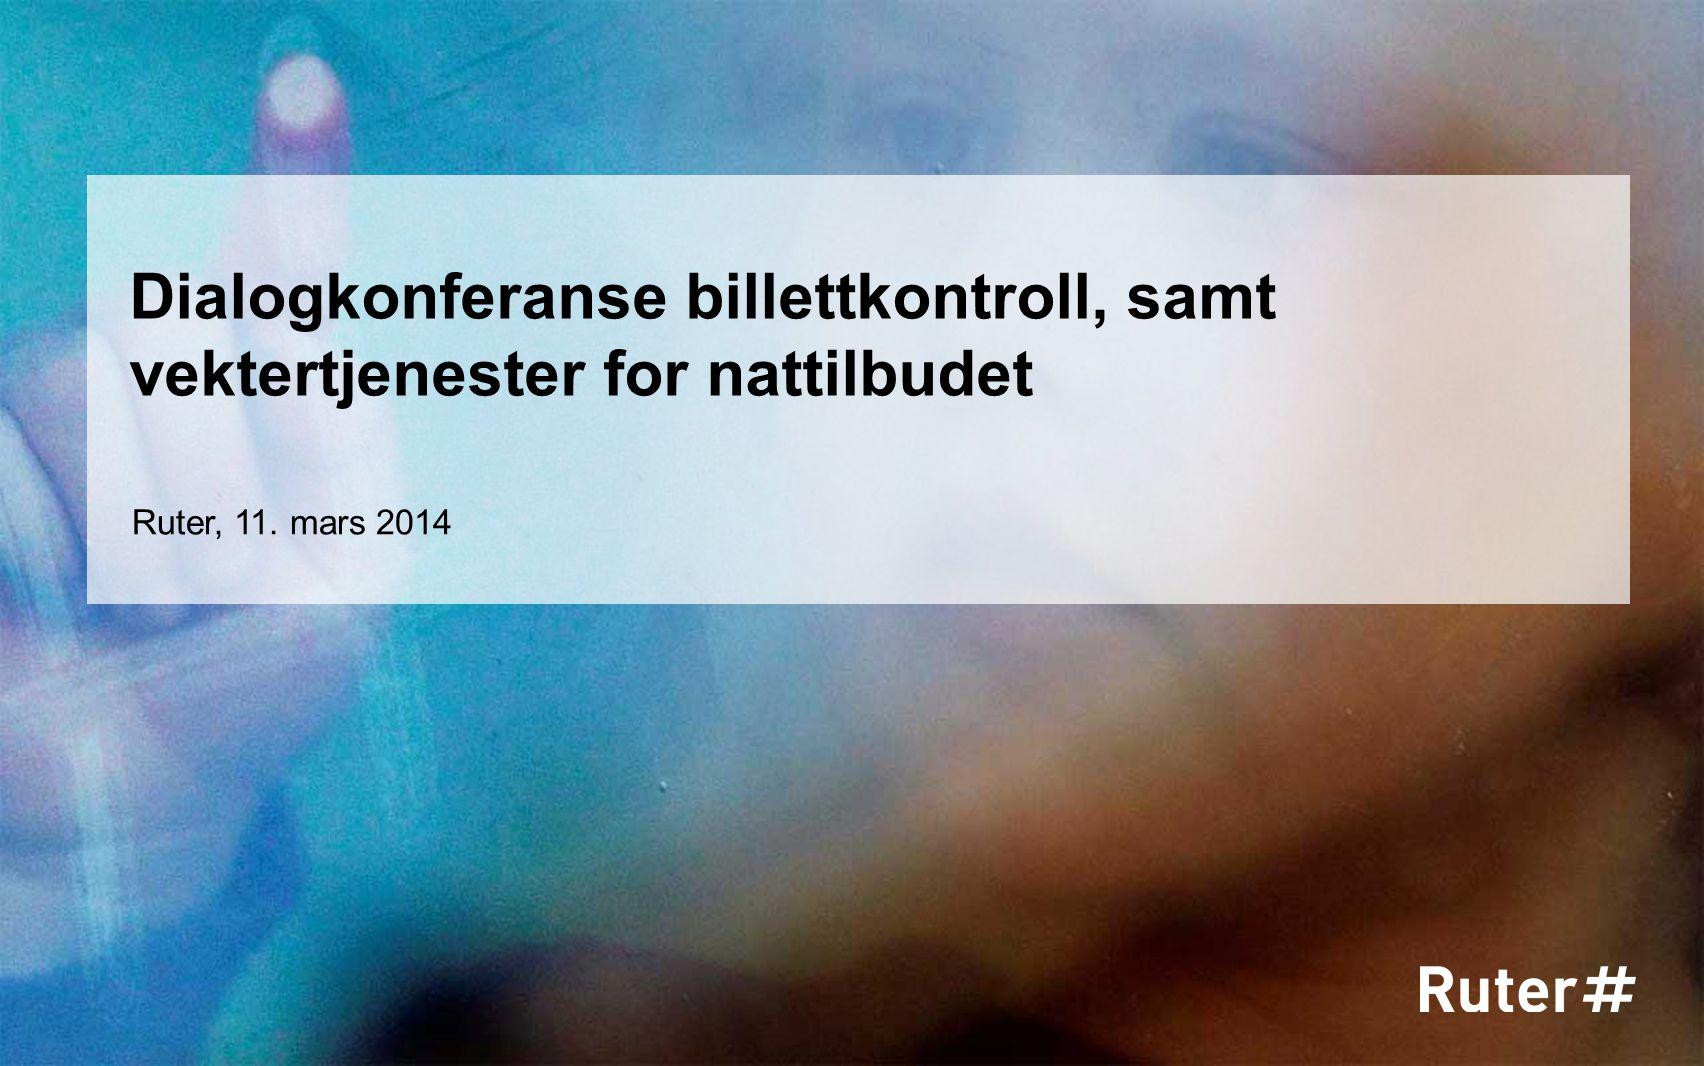 Dialogkonferanse billettkontroll, samt vektertjenester for nattilbudet Ruter, 11. mars 2014